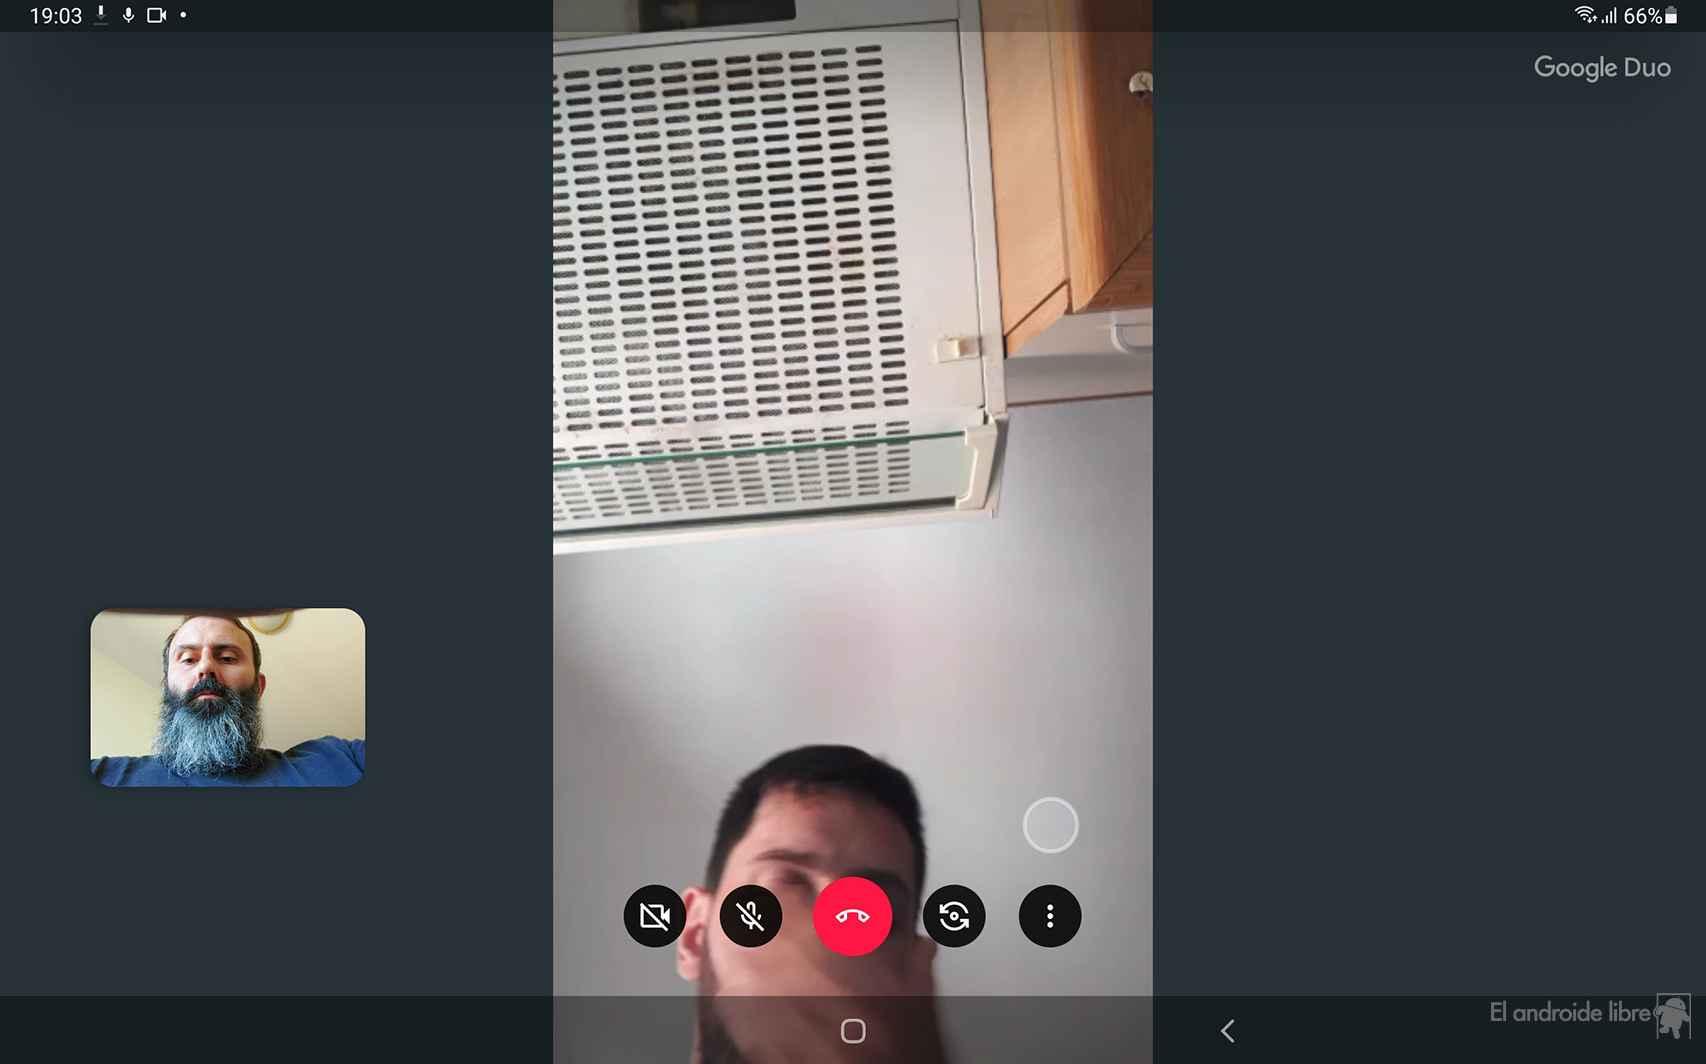 Una videollamada en Duo, la app de Google